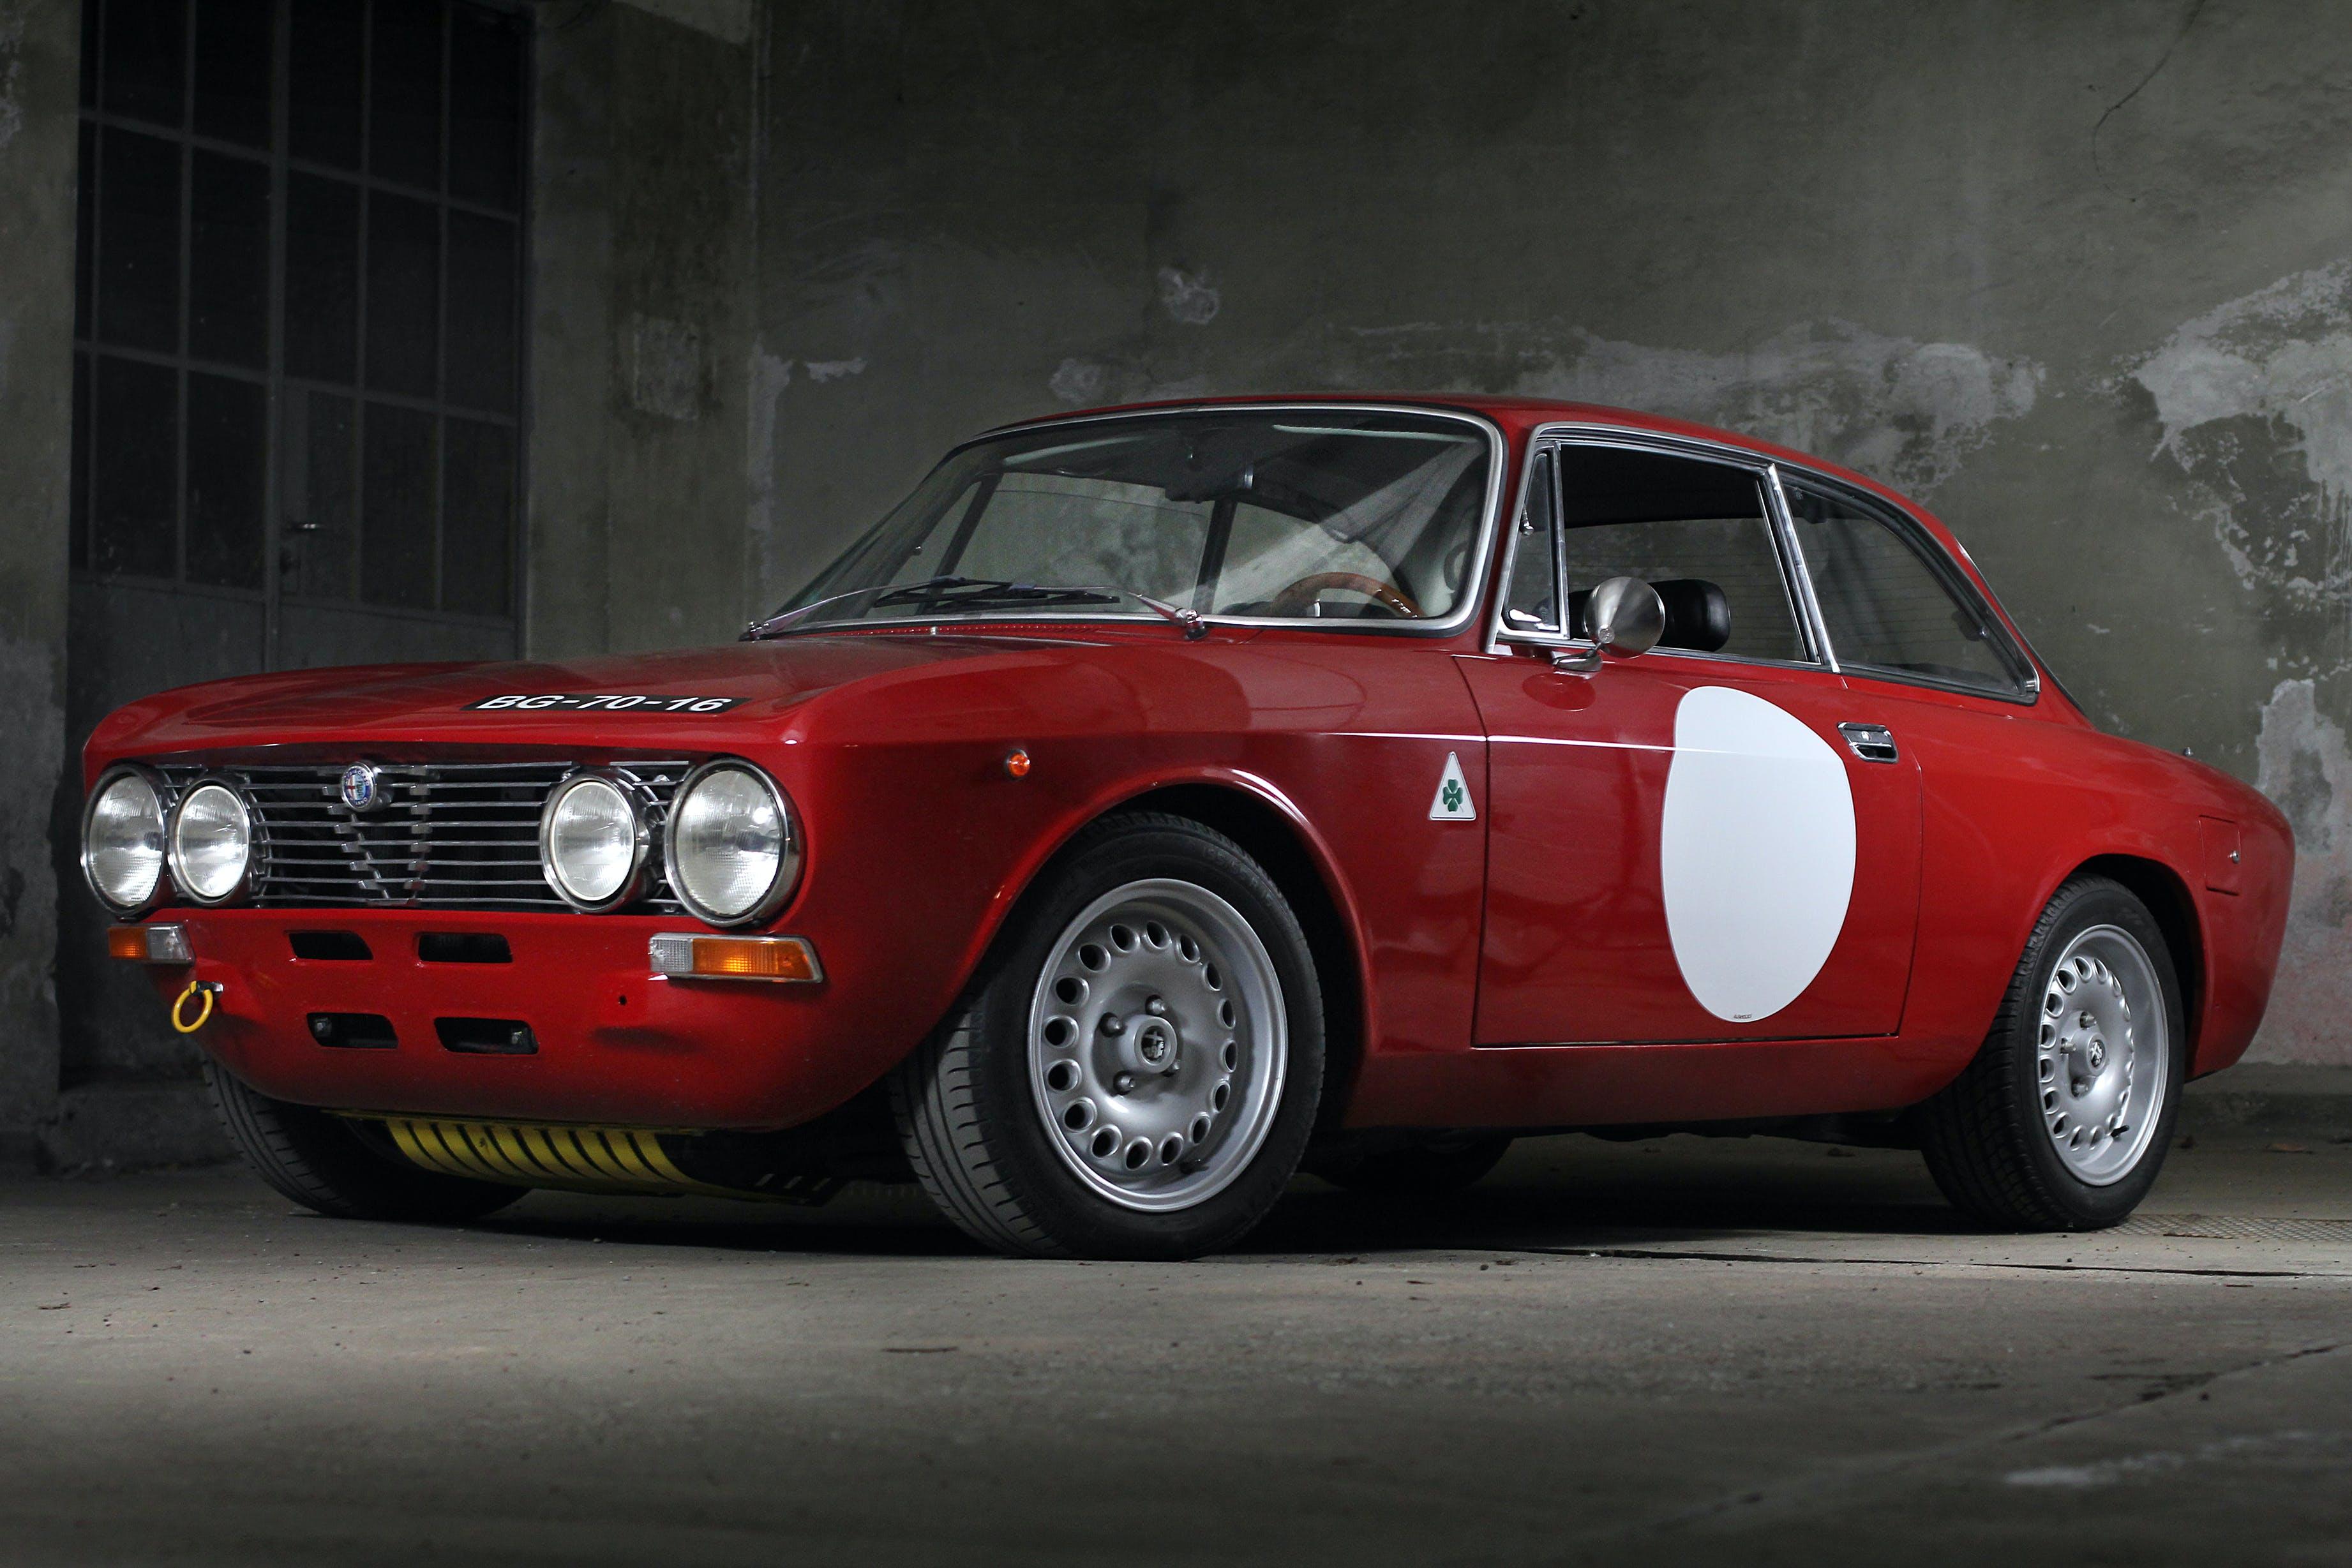 Vintage Red Car Inside Garage